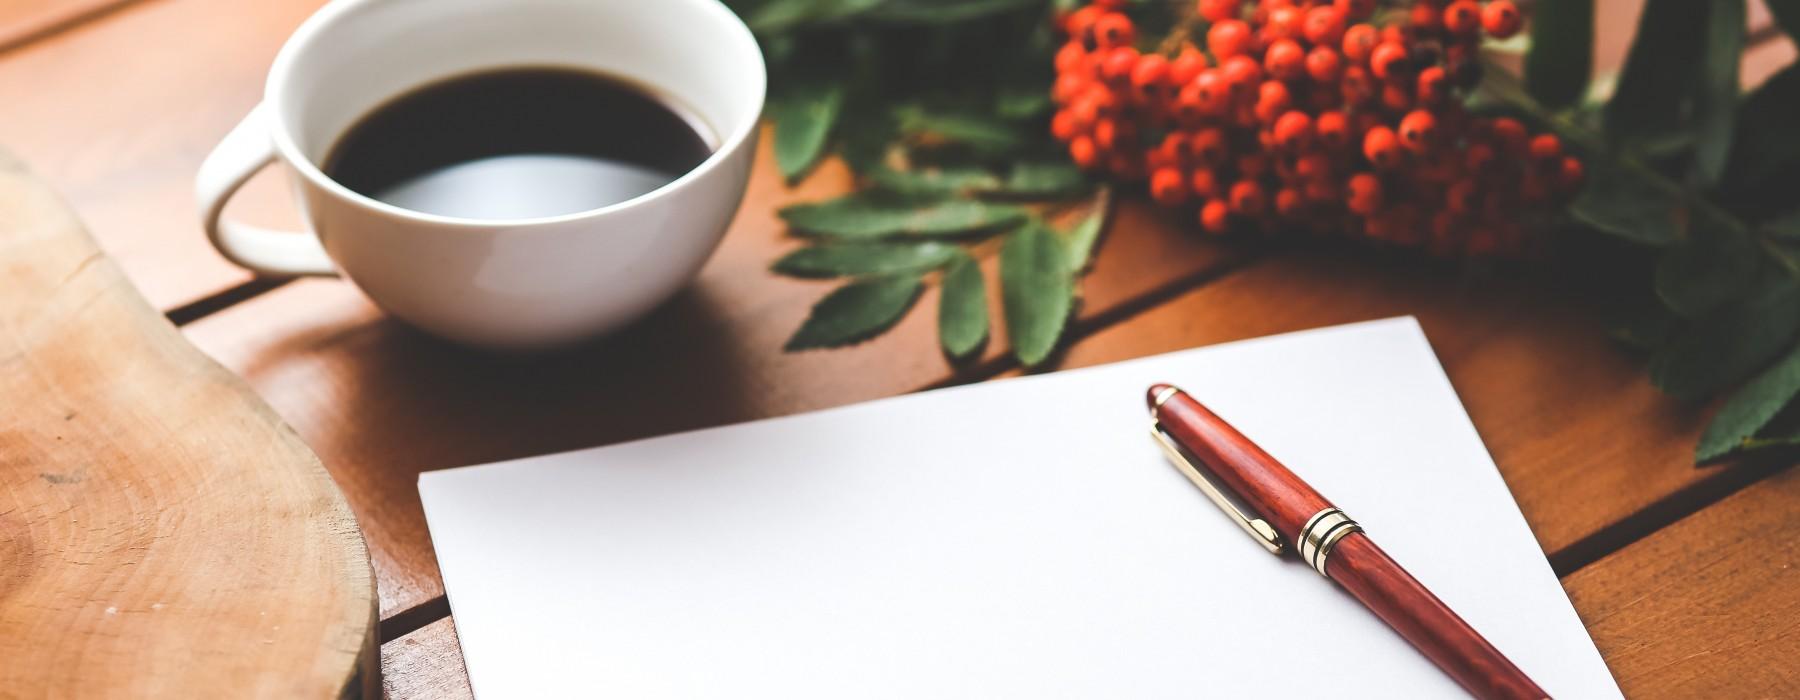 Prezenty dla wielbicieli kawy i książek. I niespodzianka dla Was!